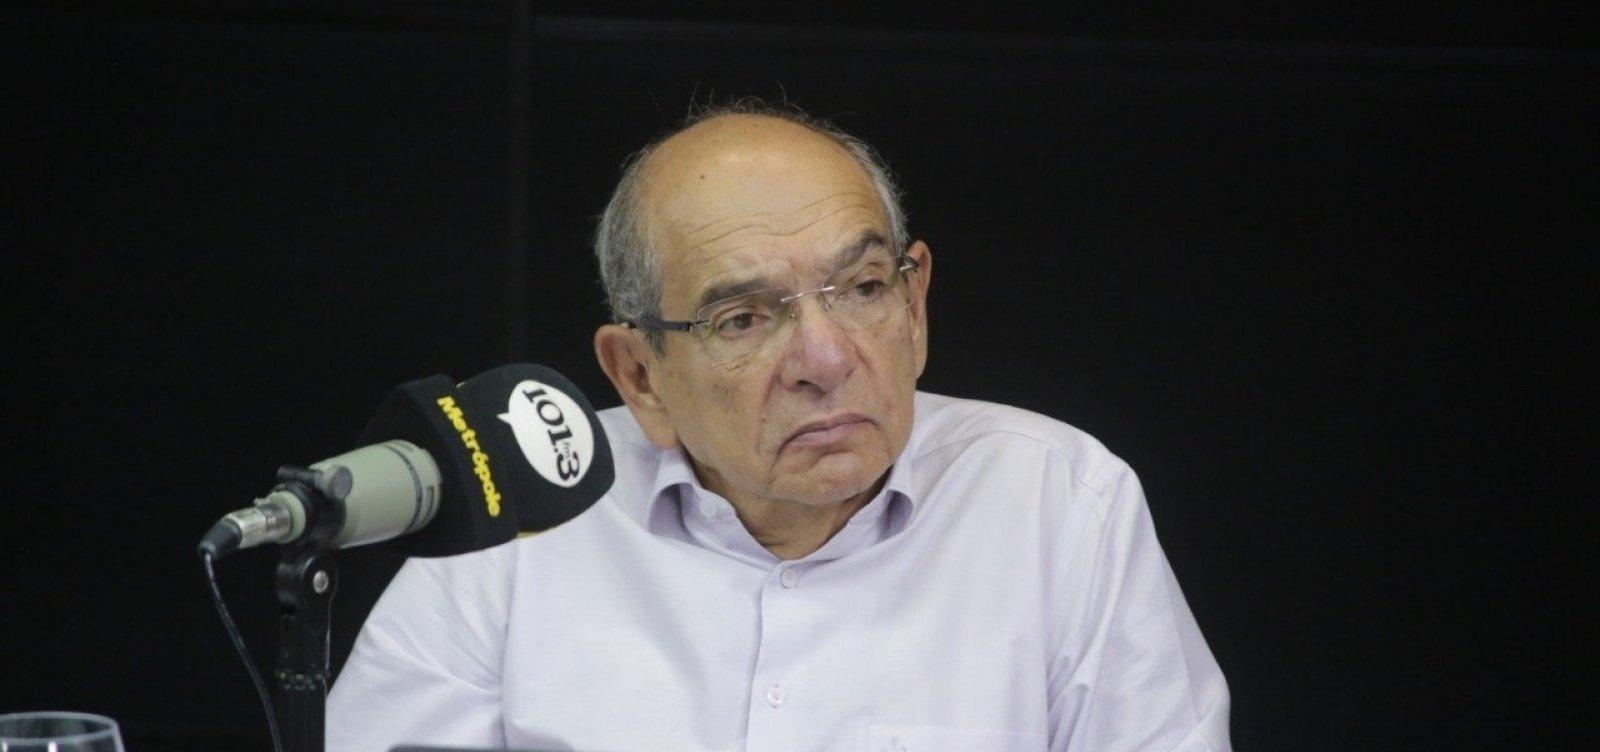 MK lamenta 200 mil mortes por Covid-19 no Brasil e critica atuação de Pazuello na Saúde; ouça